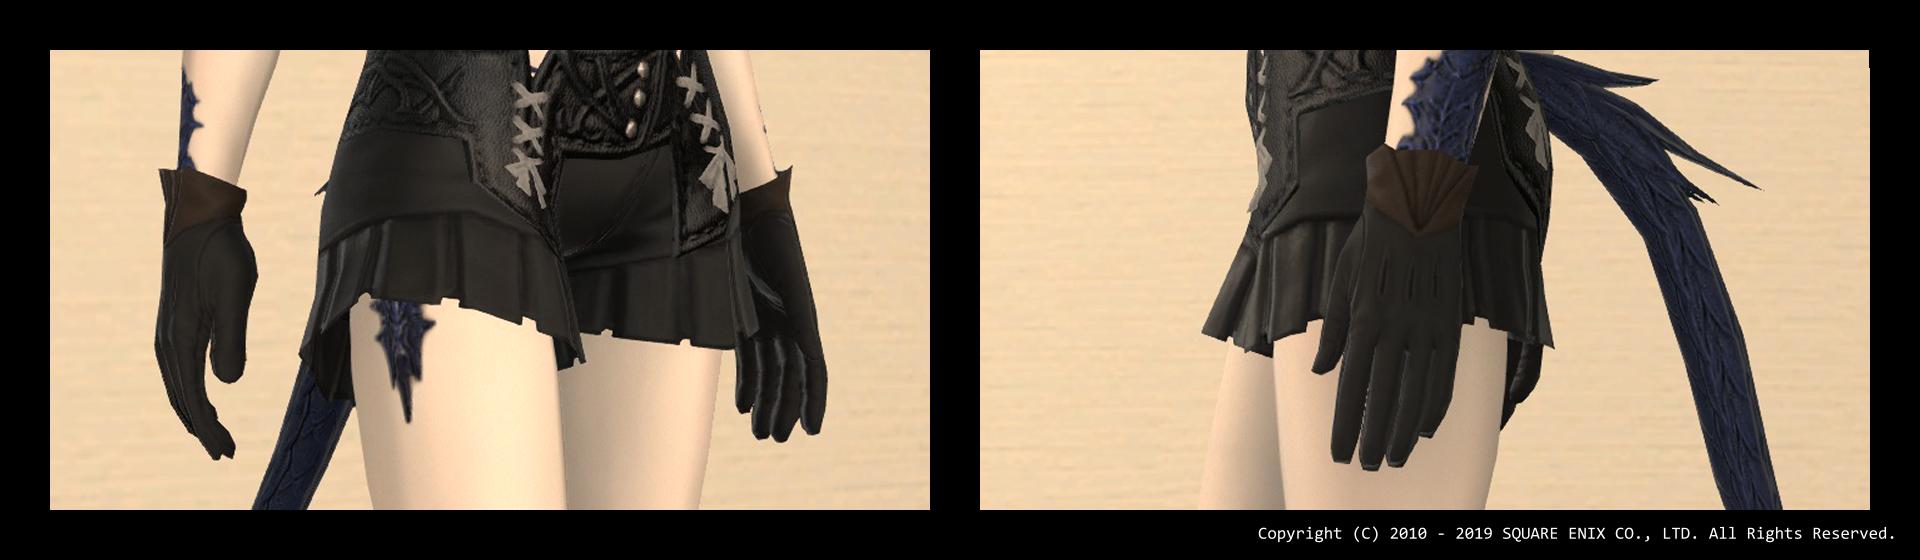 395c-blmsmnrdmblu-hands